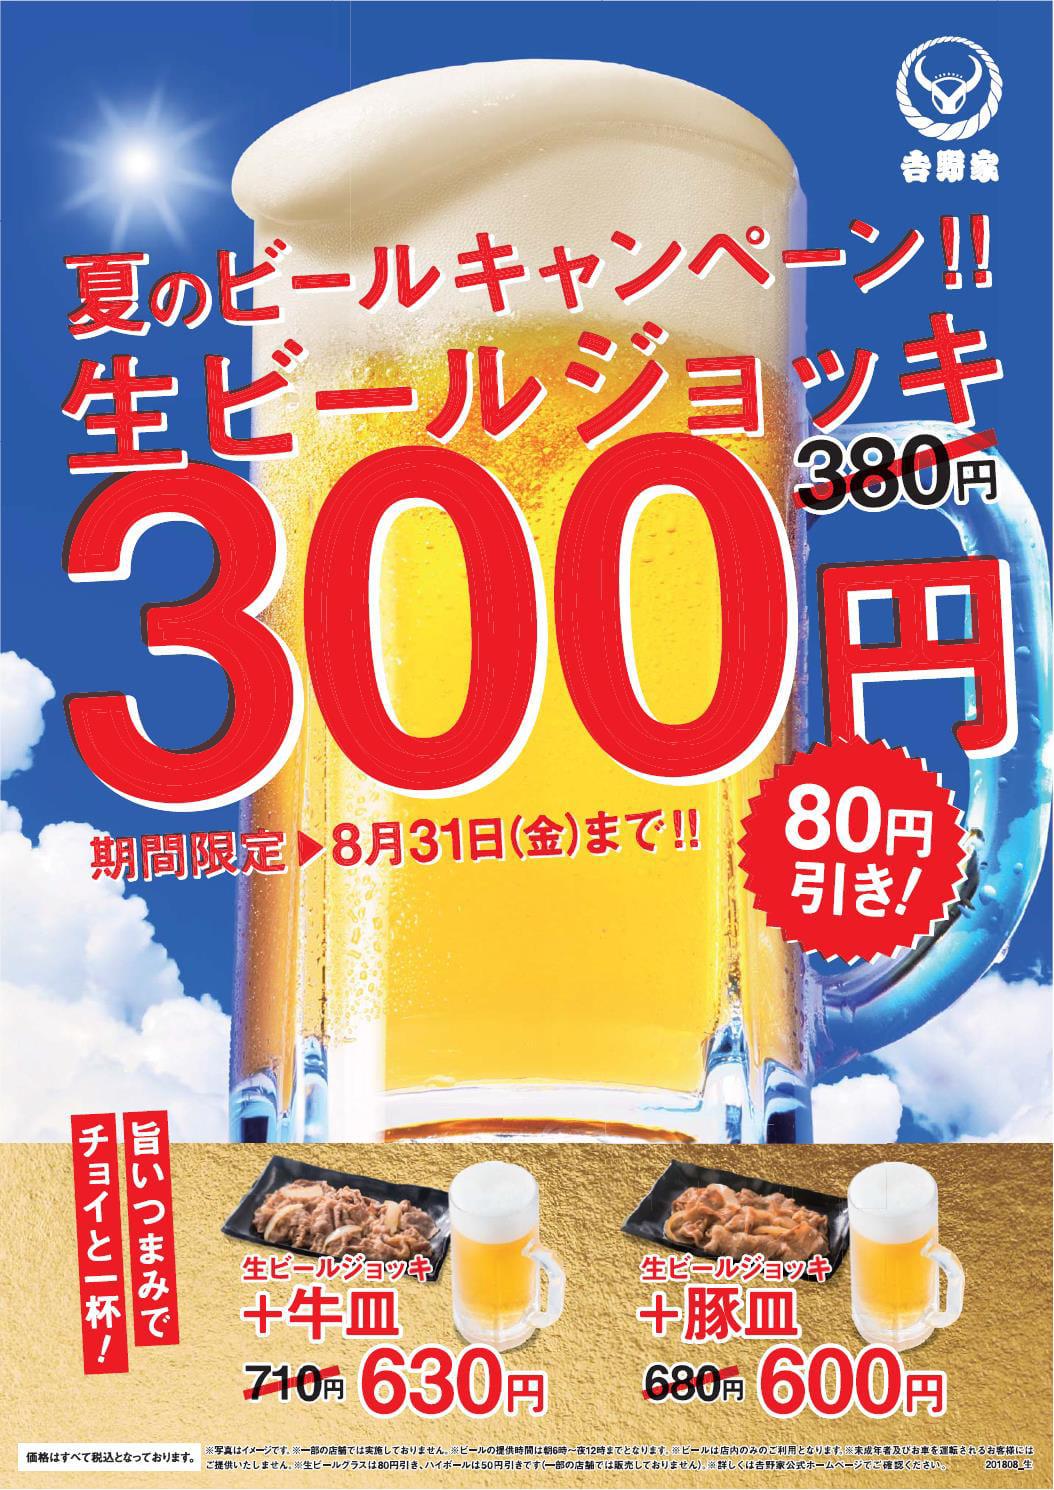 夏のビールキャンペーン